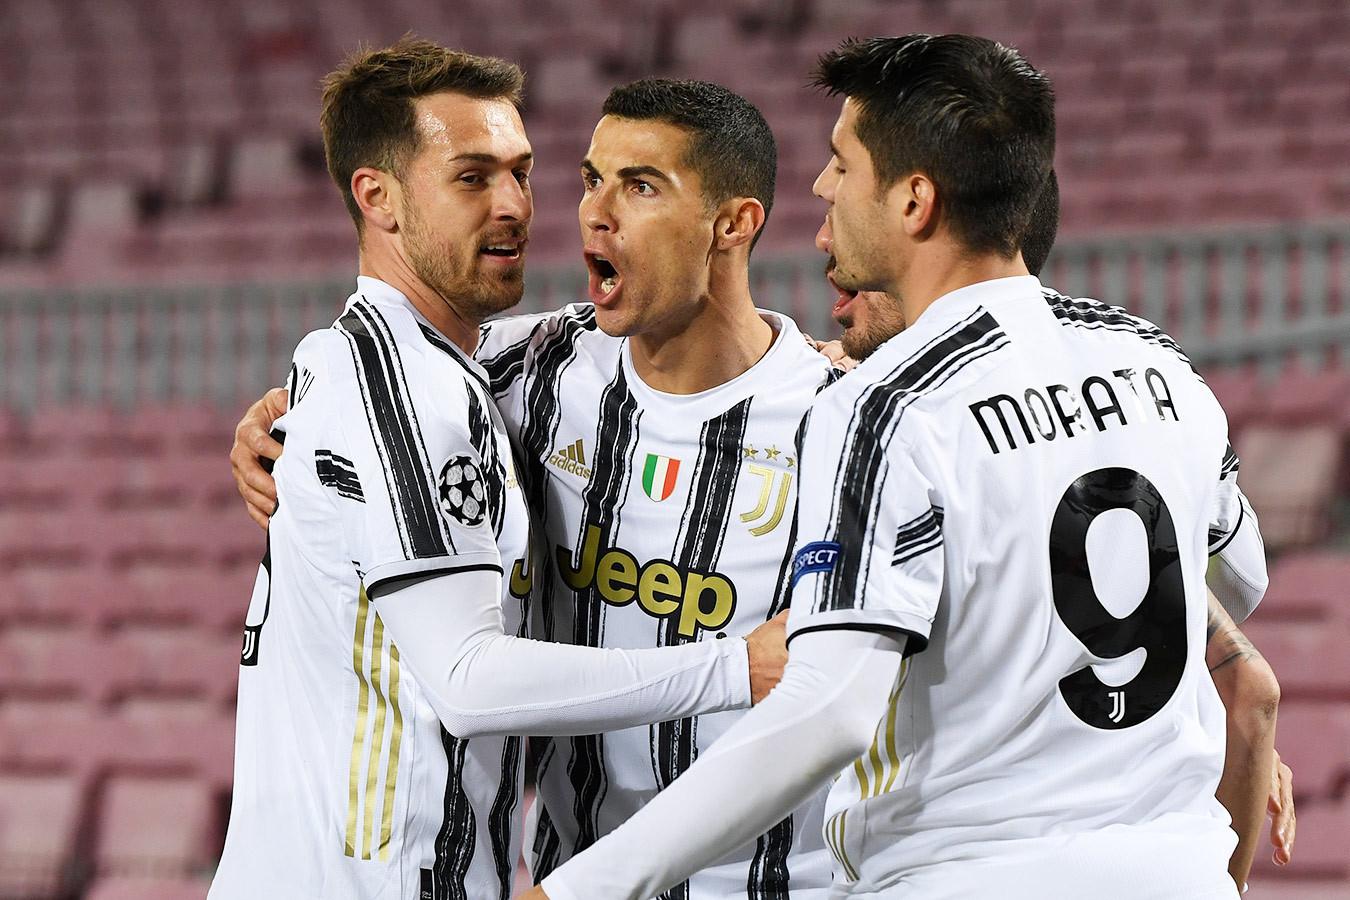 «Ювентус» стал обладателем Суперкубка Италии, обыграв «Наполи»